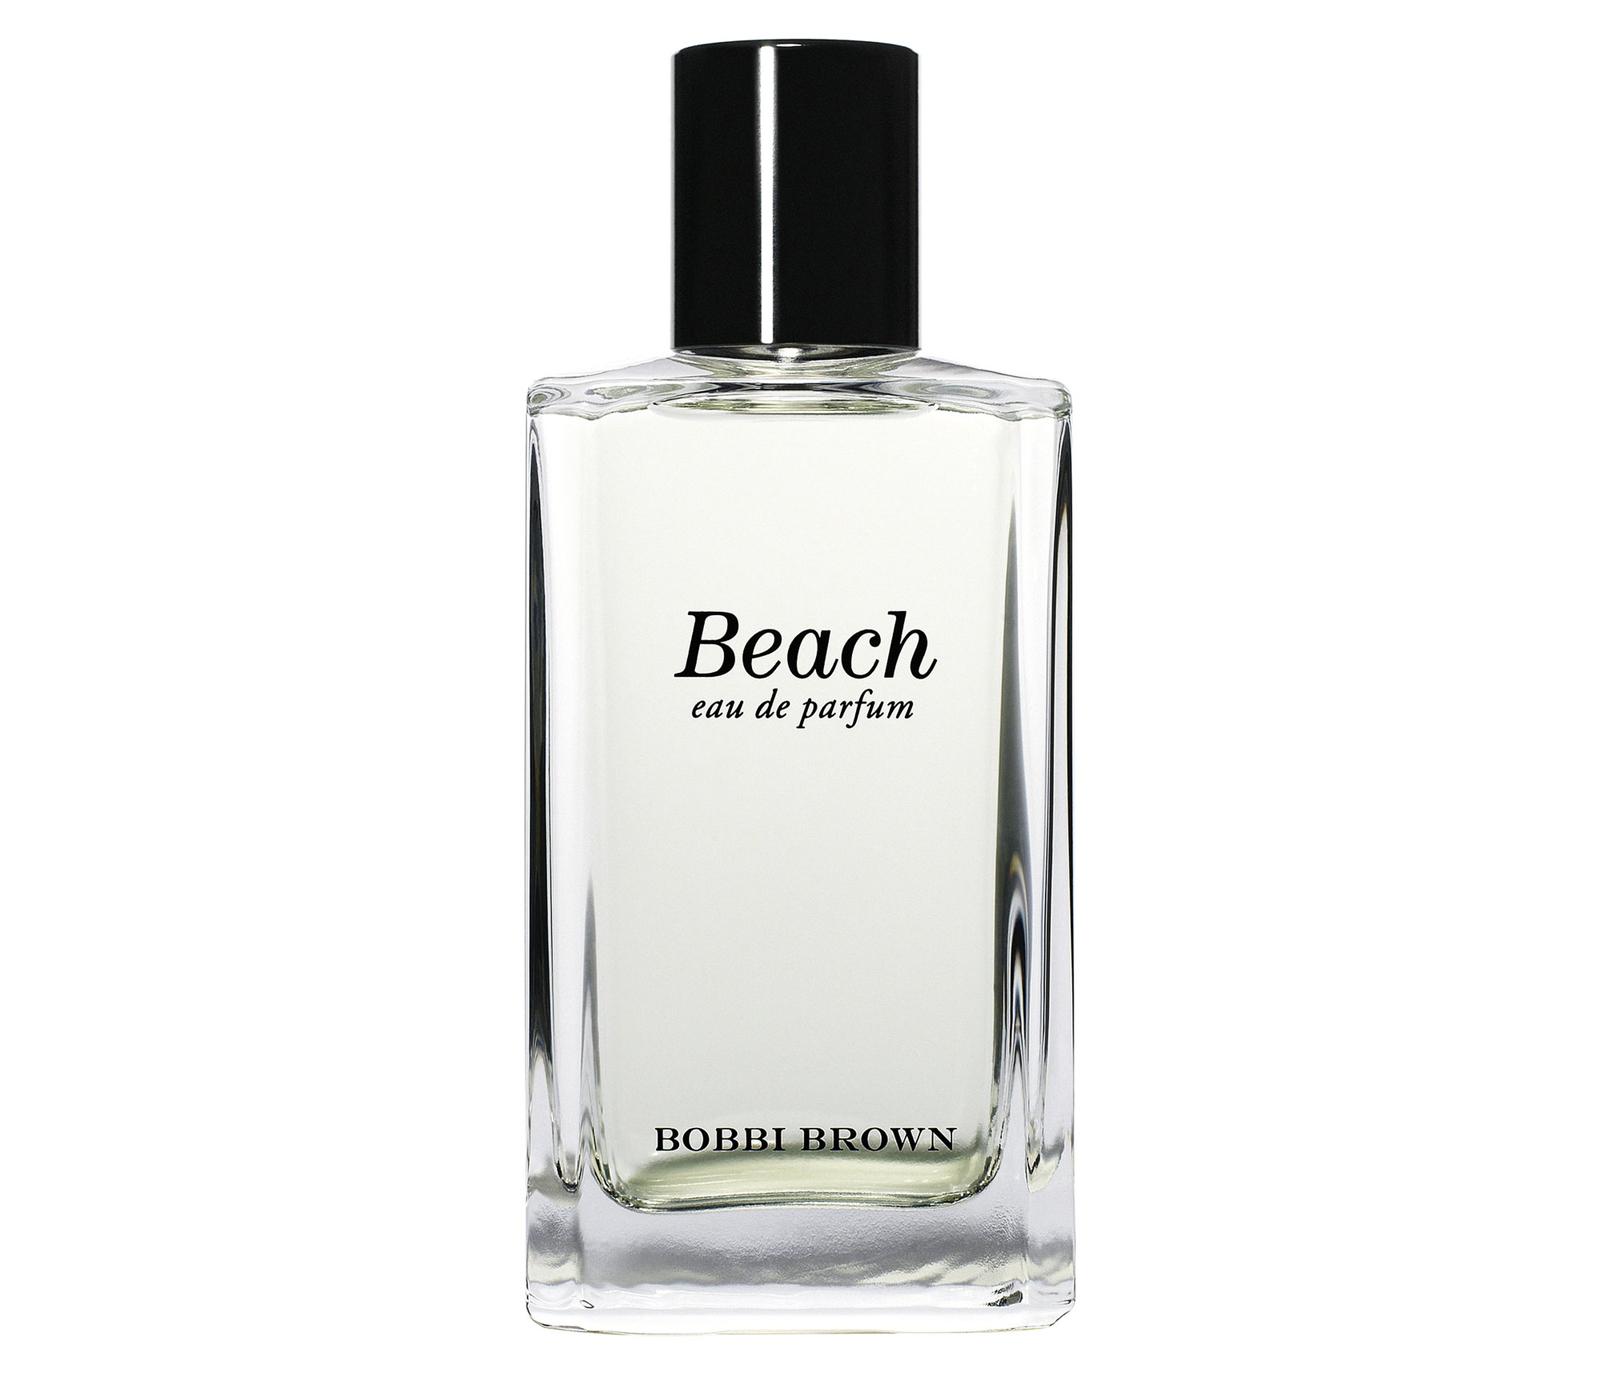 bobbi-brown-beach.jpg